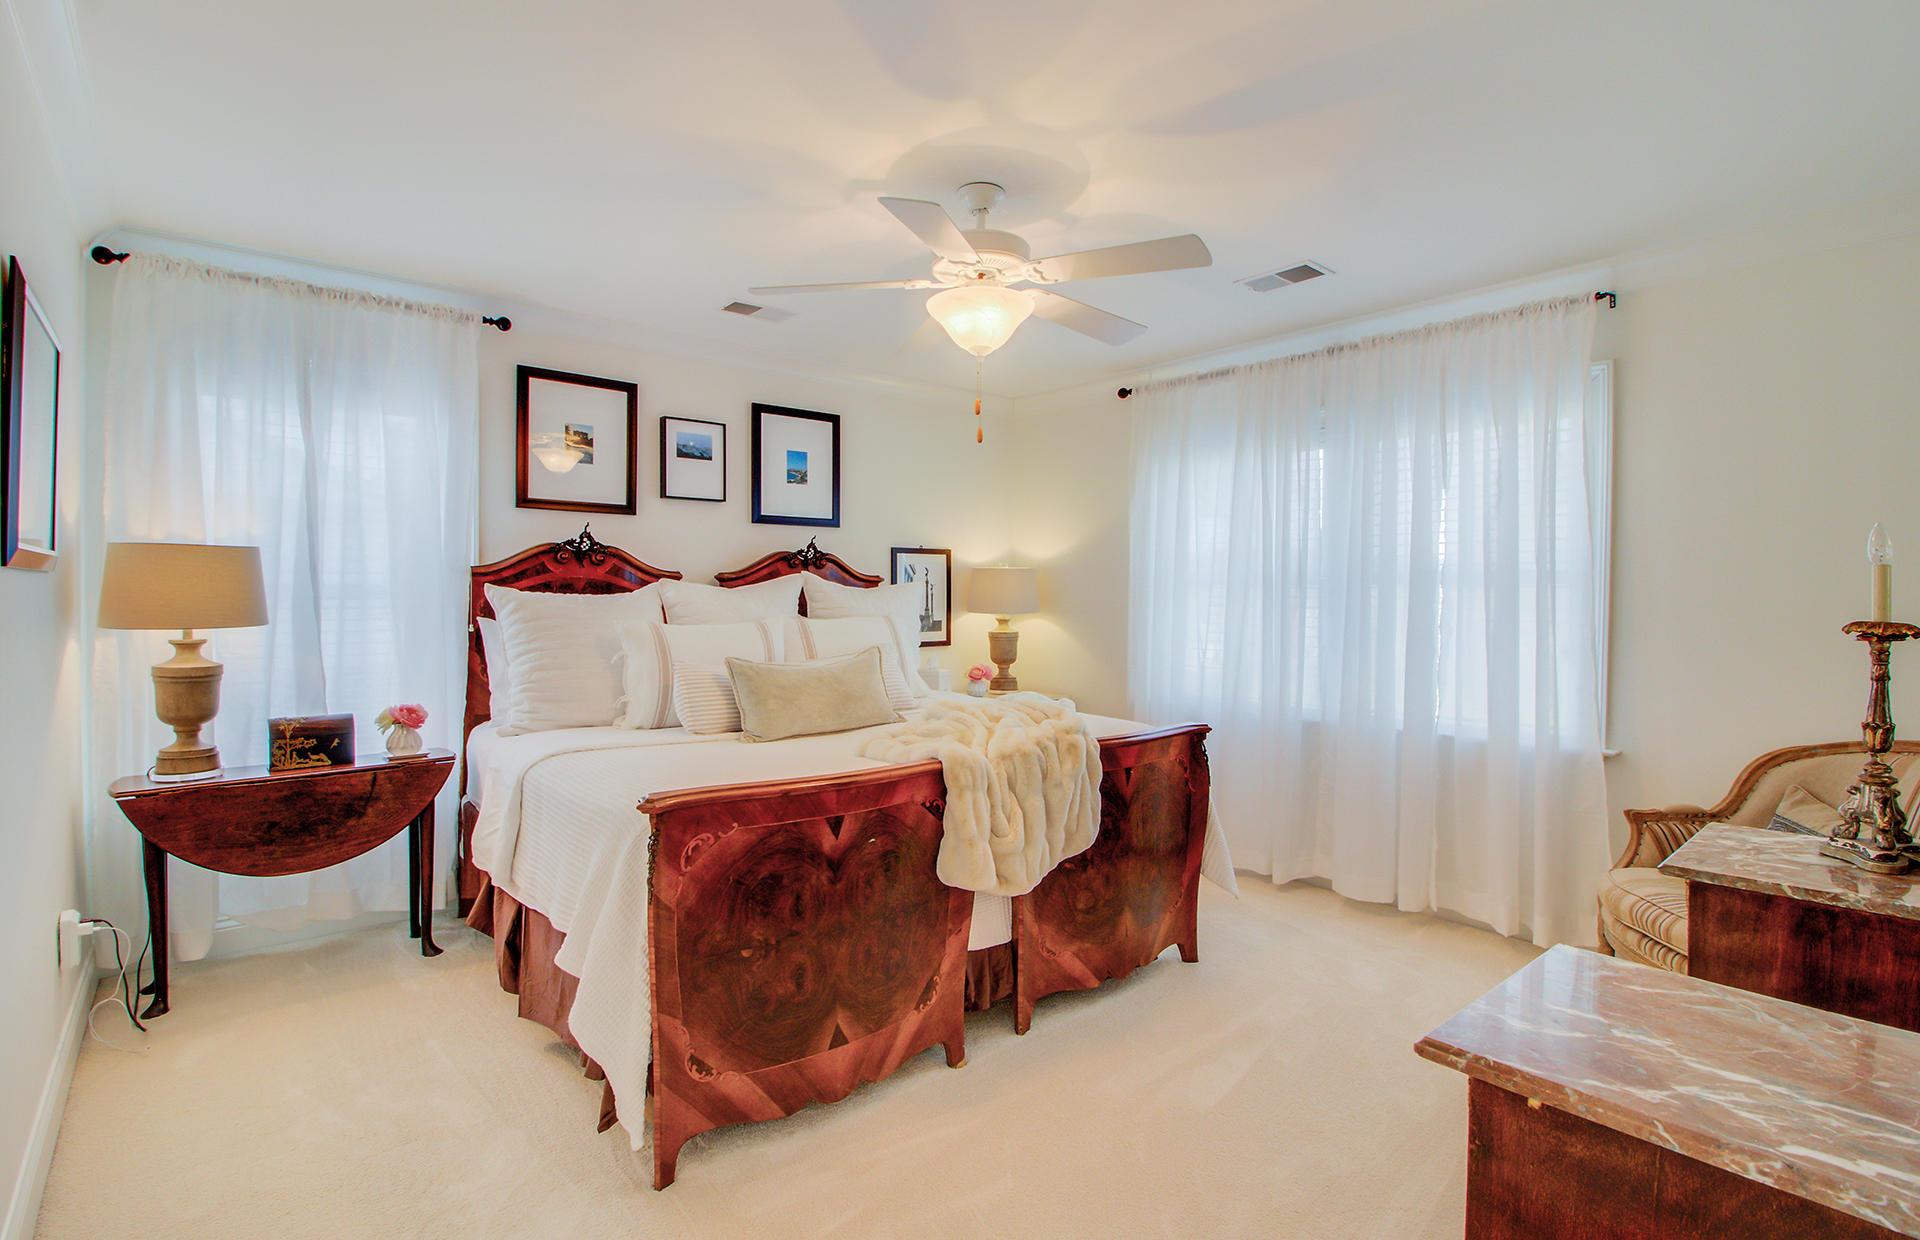 Dunes West Homes For Sale - 2913 Yachtsman, Mount Pleasant, SC - 9